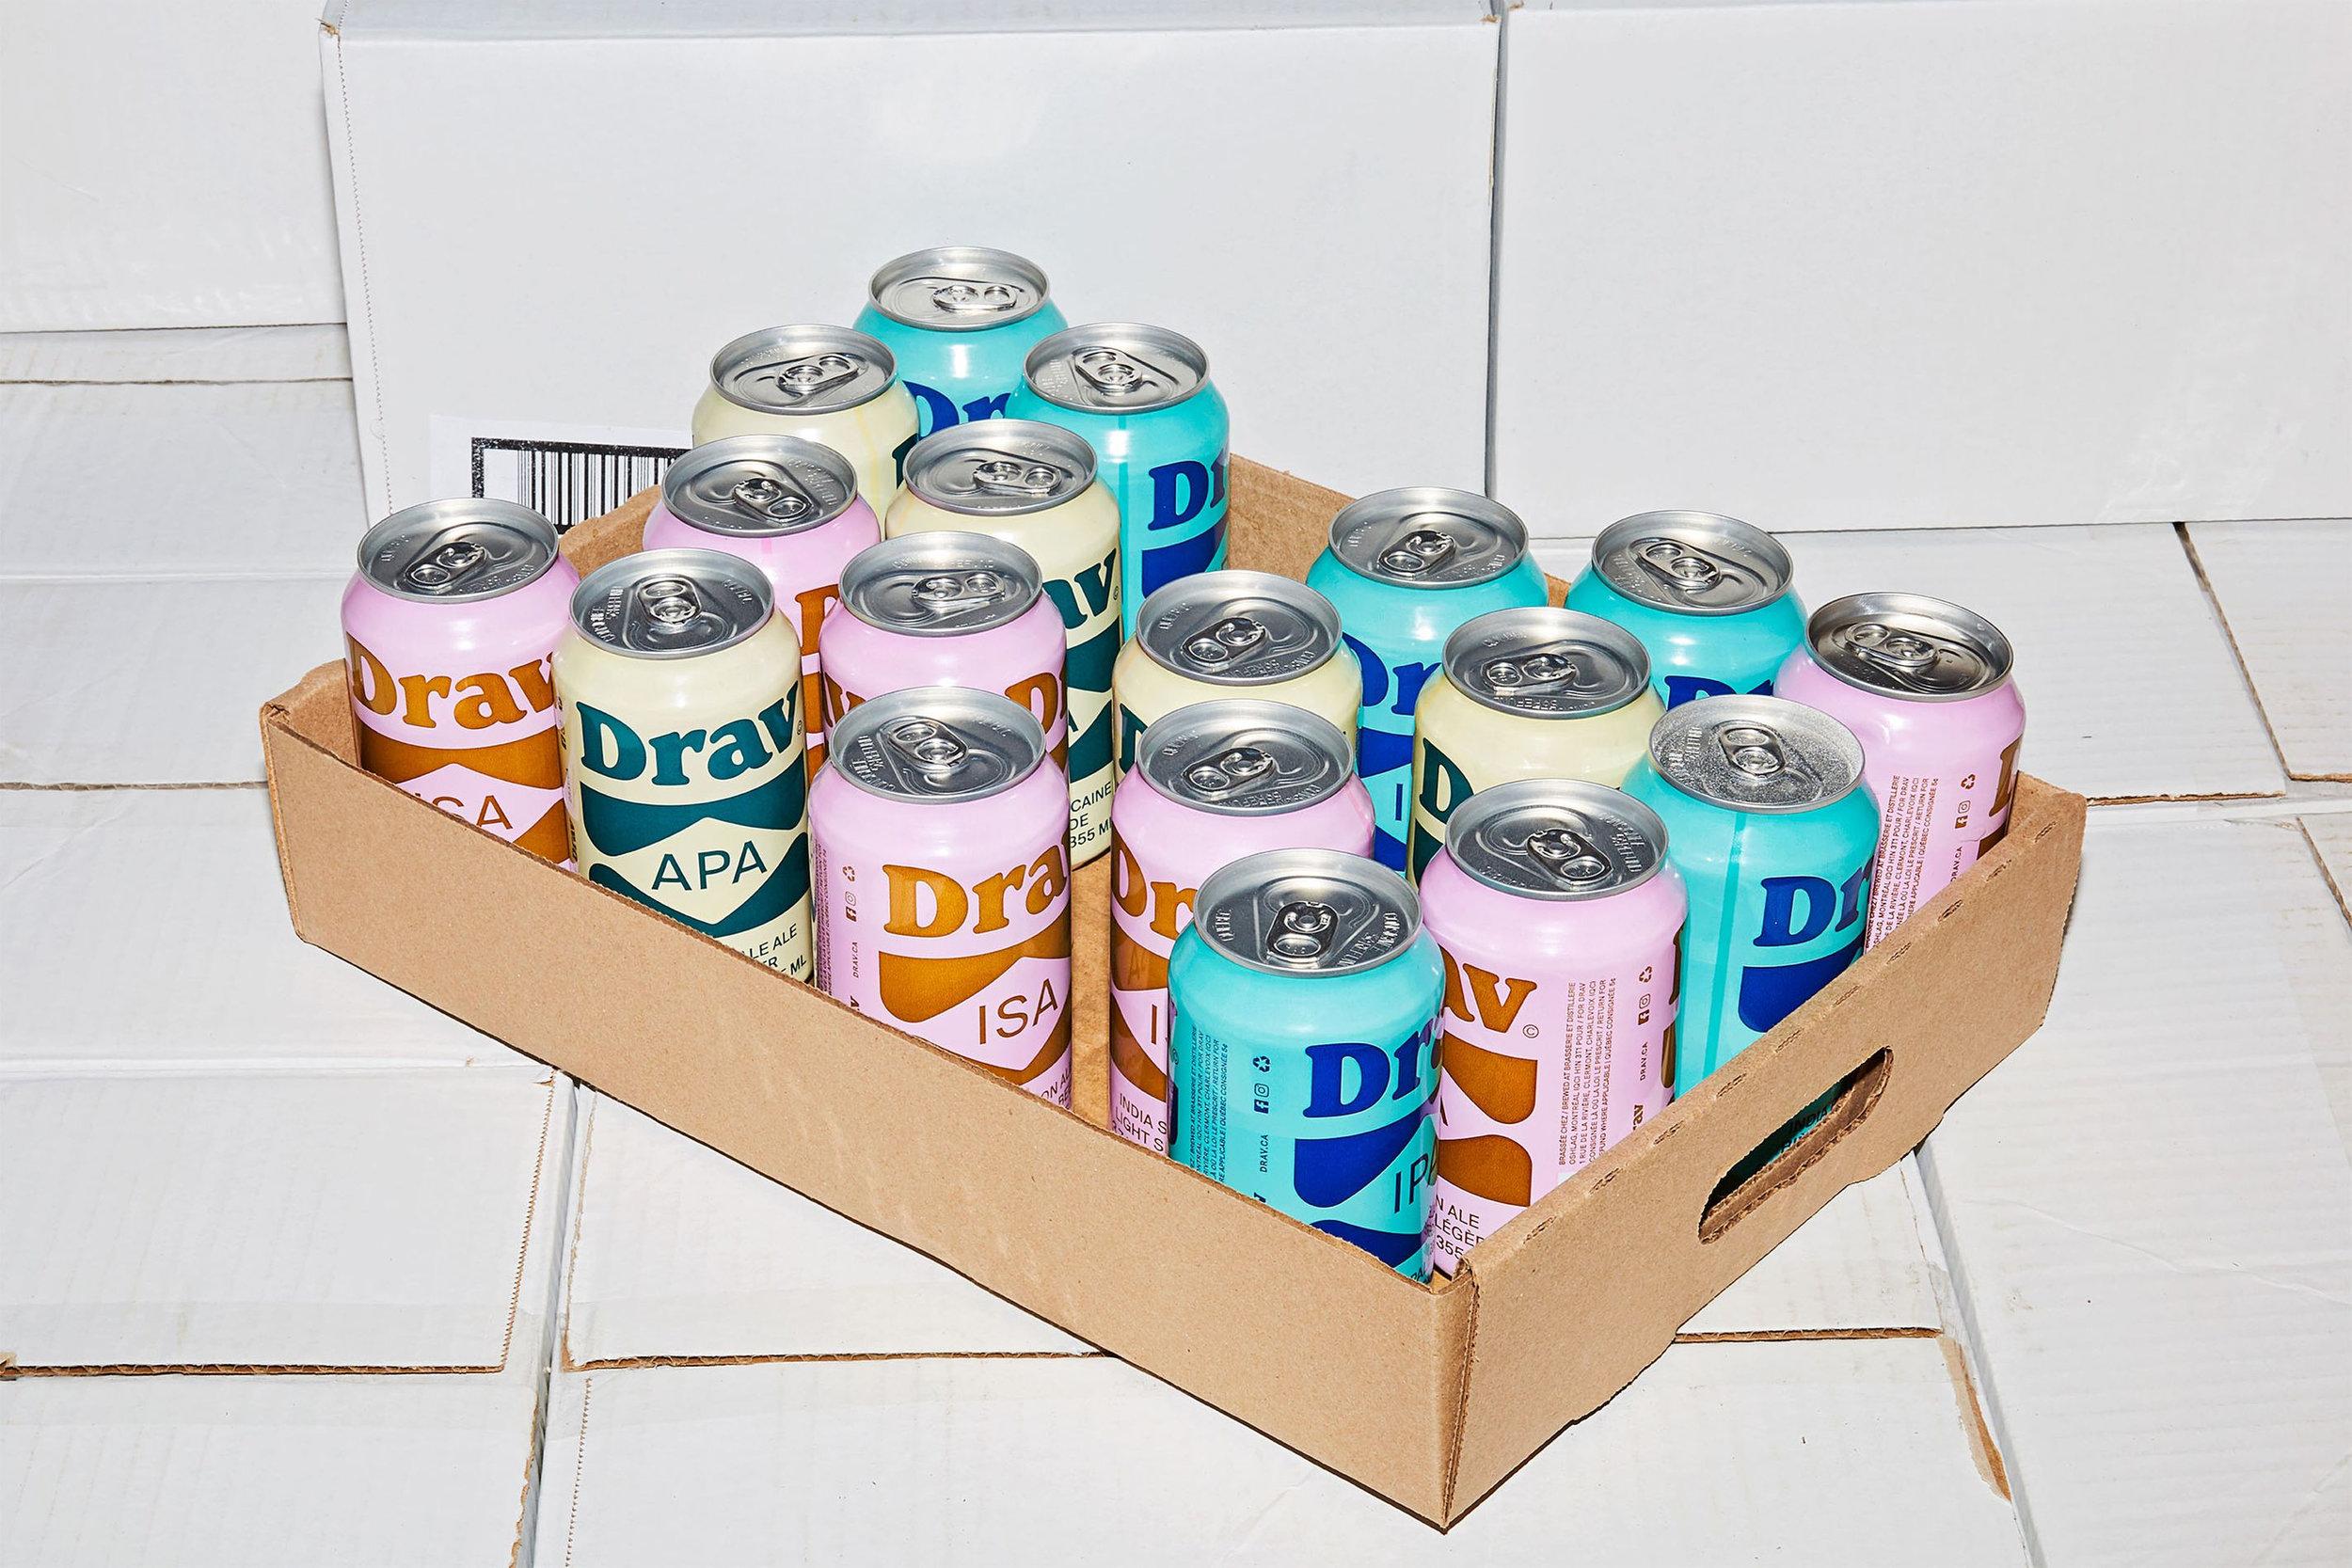 Beer & Branding: Drav Bière